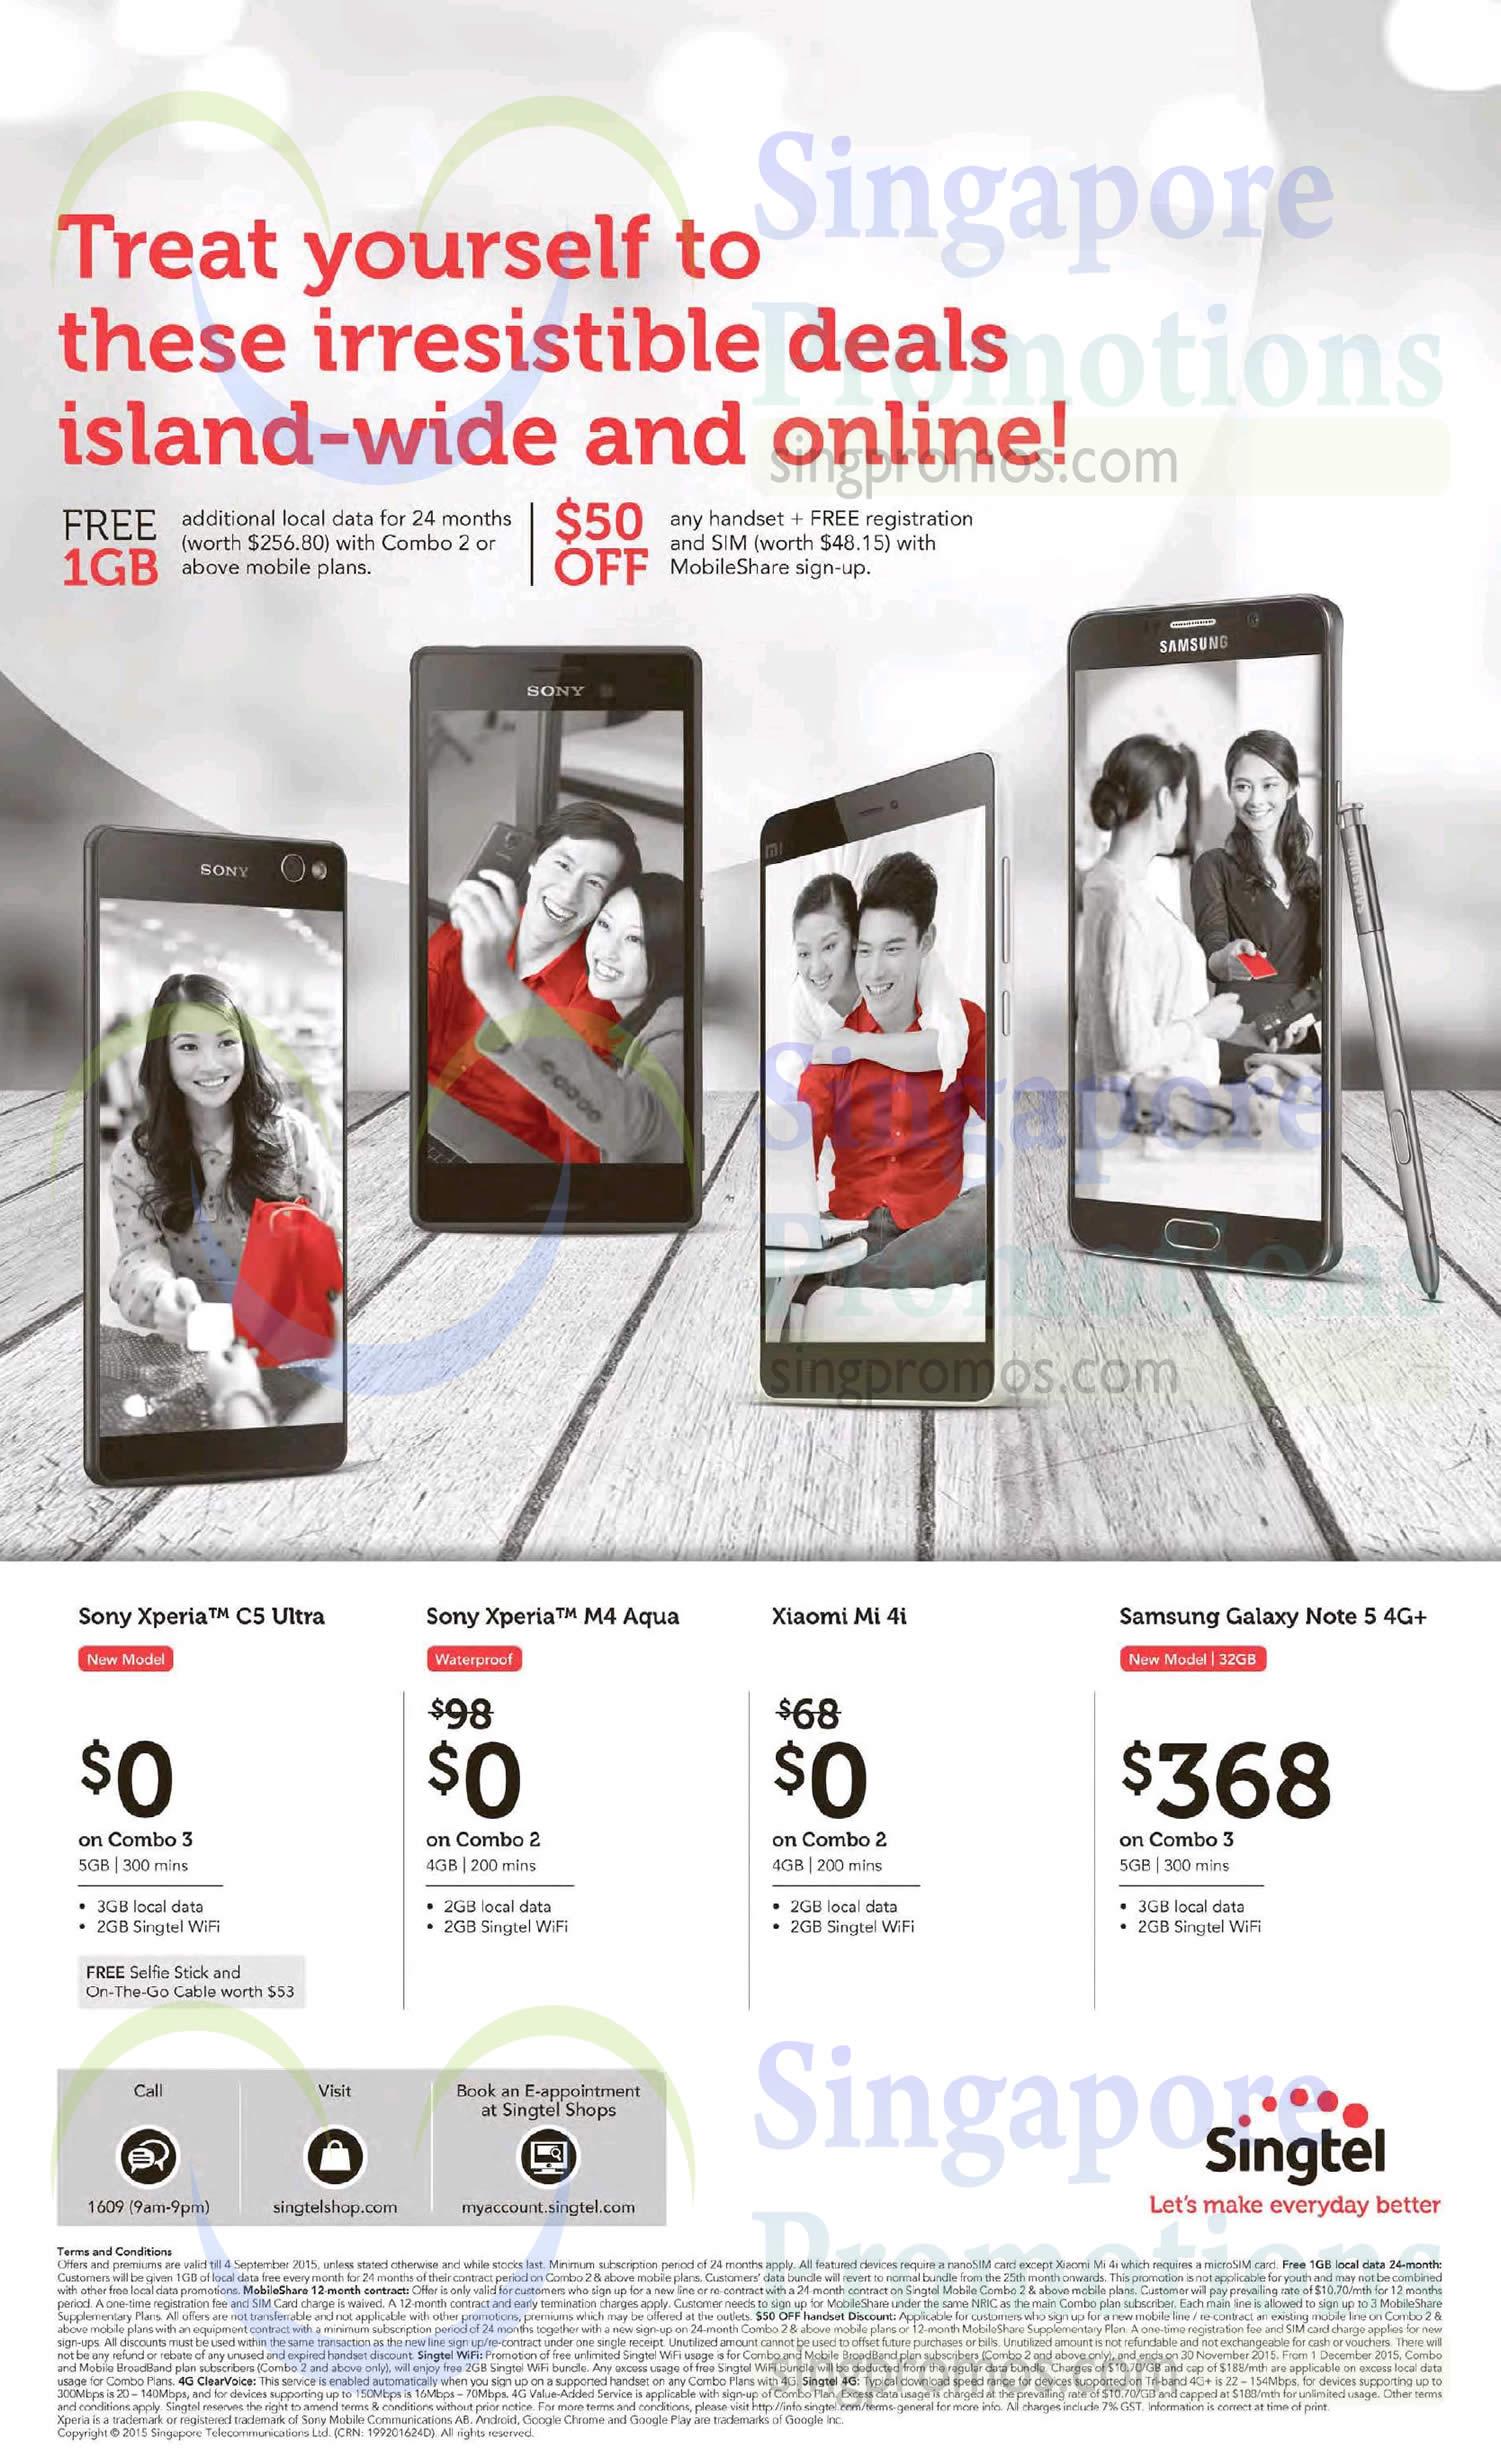 Sony Xperia C5 Ultra Xperia M4 Aqua Xiaomi Mi 4i